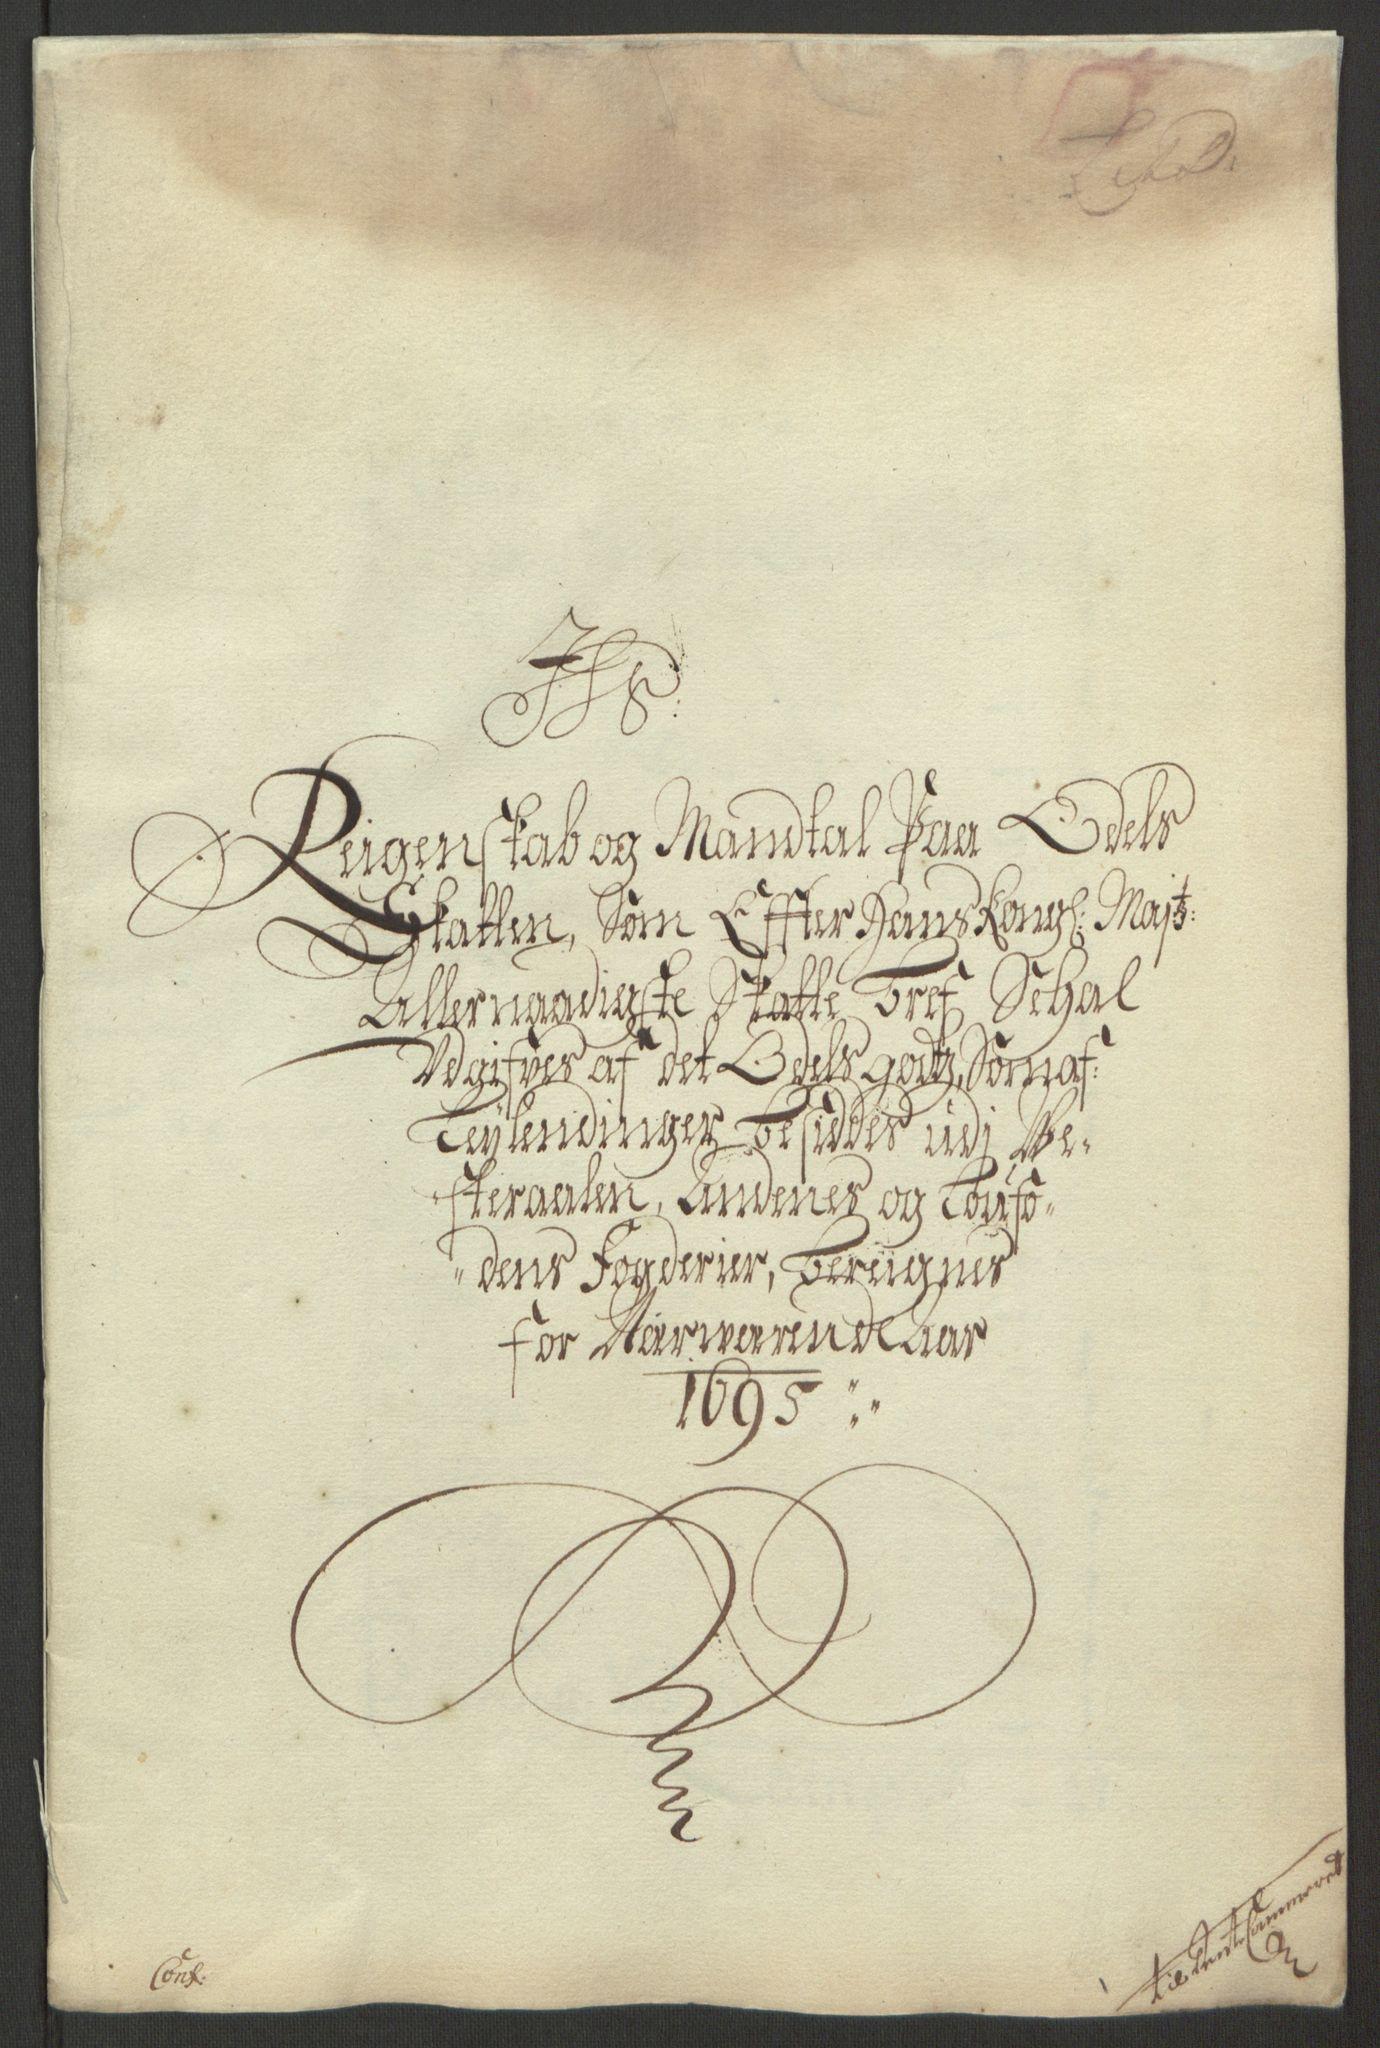 RA, Rentekammeret inntil 1814, Reviderte regnskaper, Fogderegnskap, R67/L4677: Fogderegnskap Vesterålen, Andenes og Lofoten, 1694-1695, s. 231